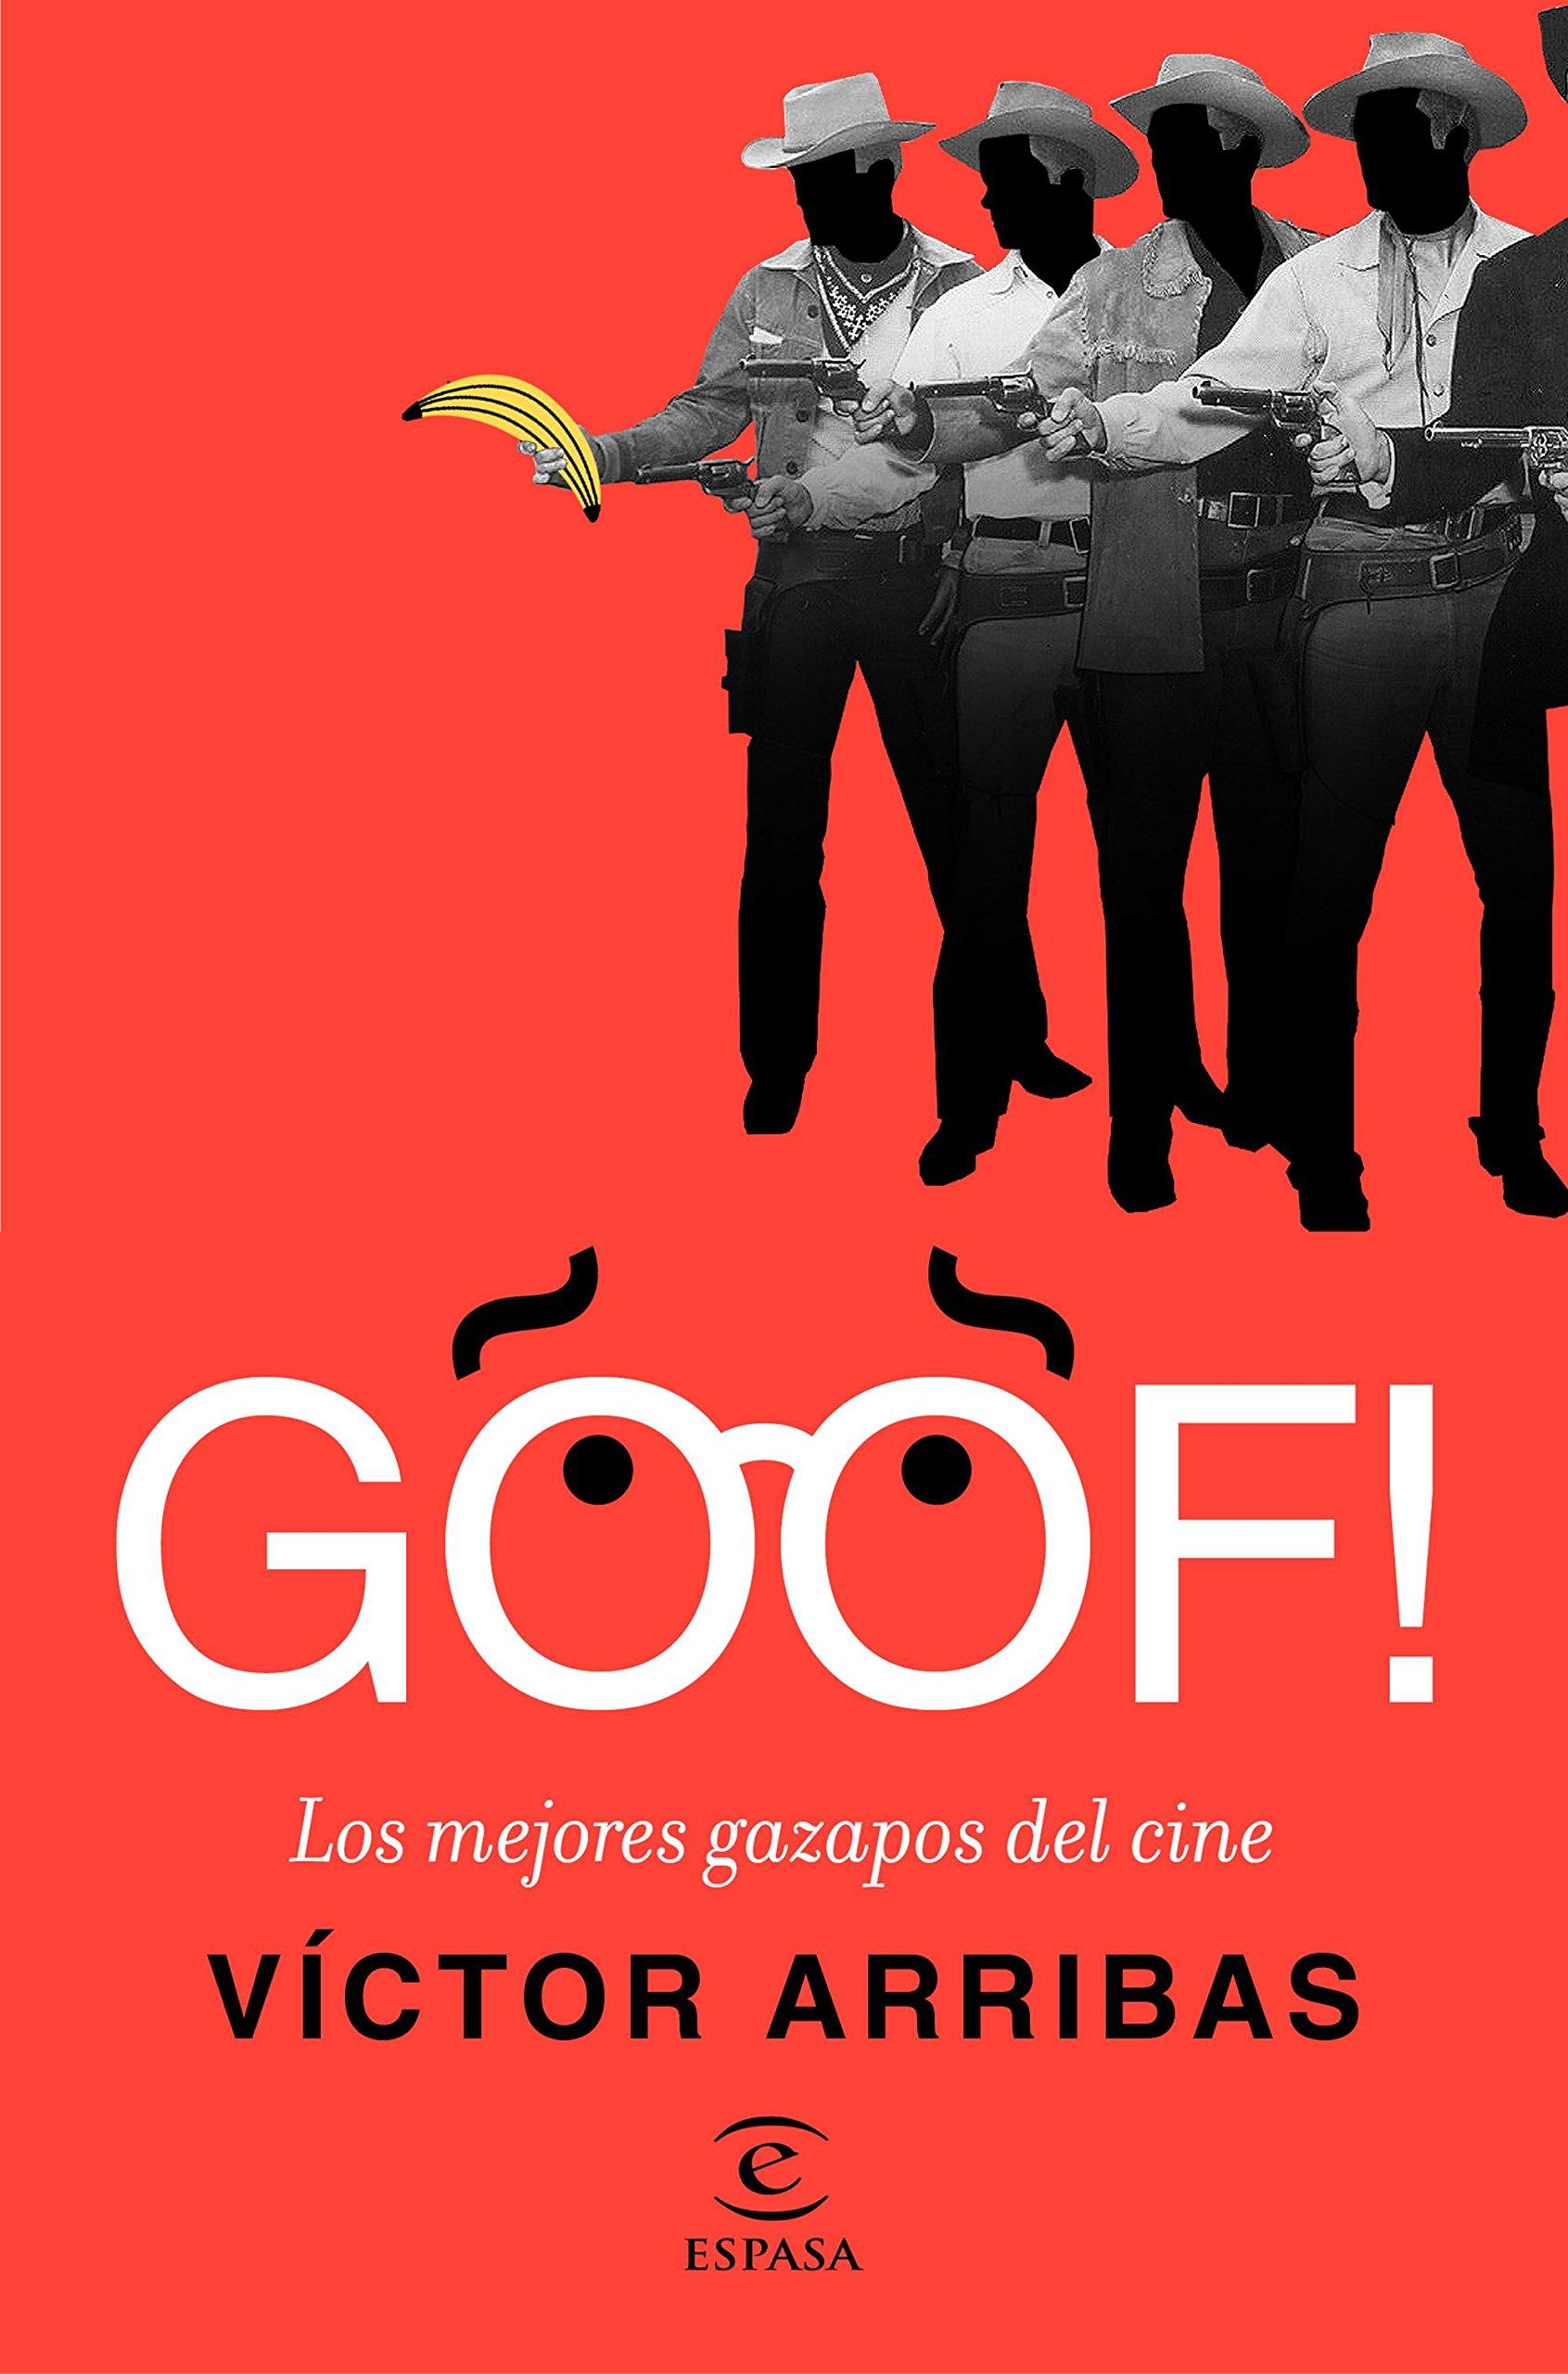 GOOF! Los mejores gazapos del cine (Spanish) Paperback – 2017